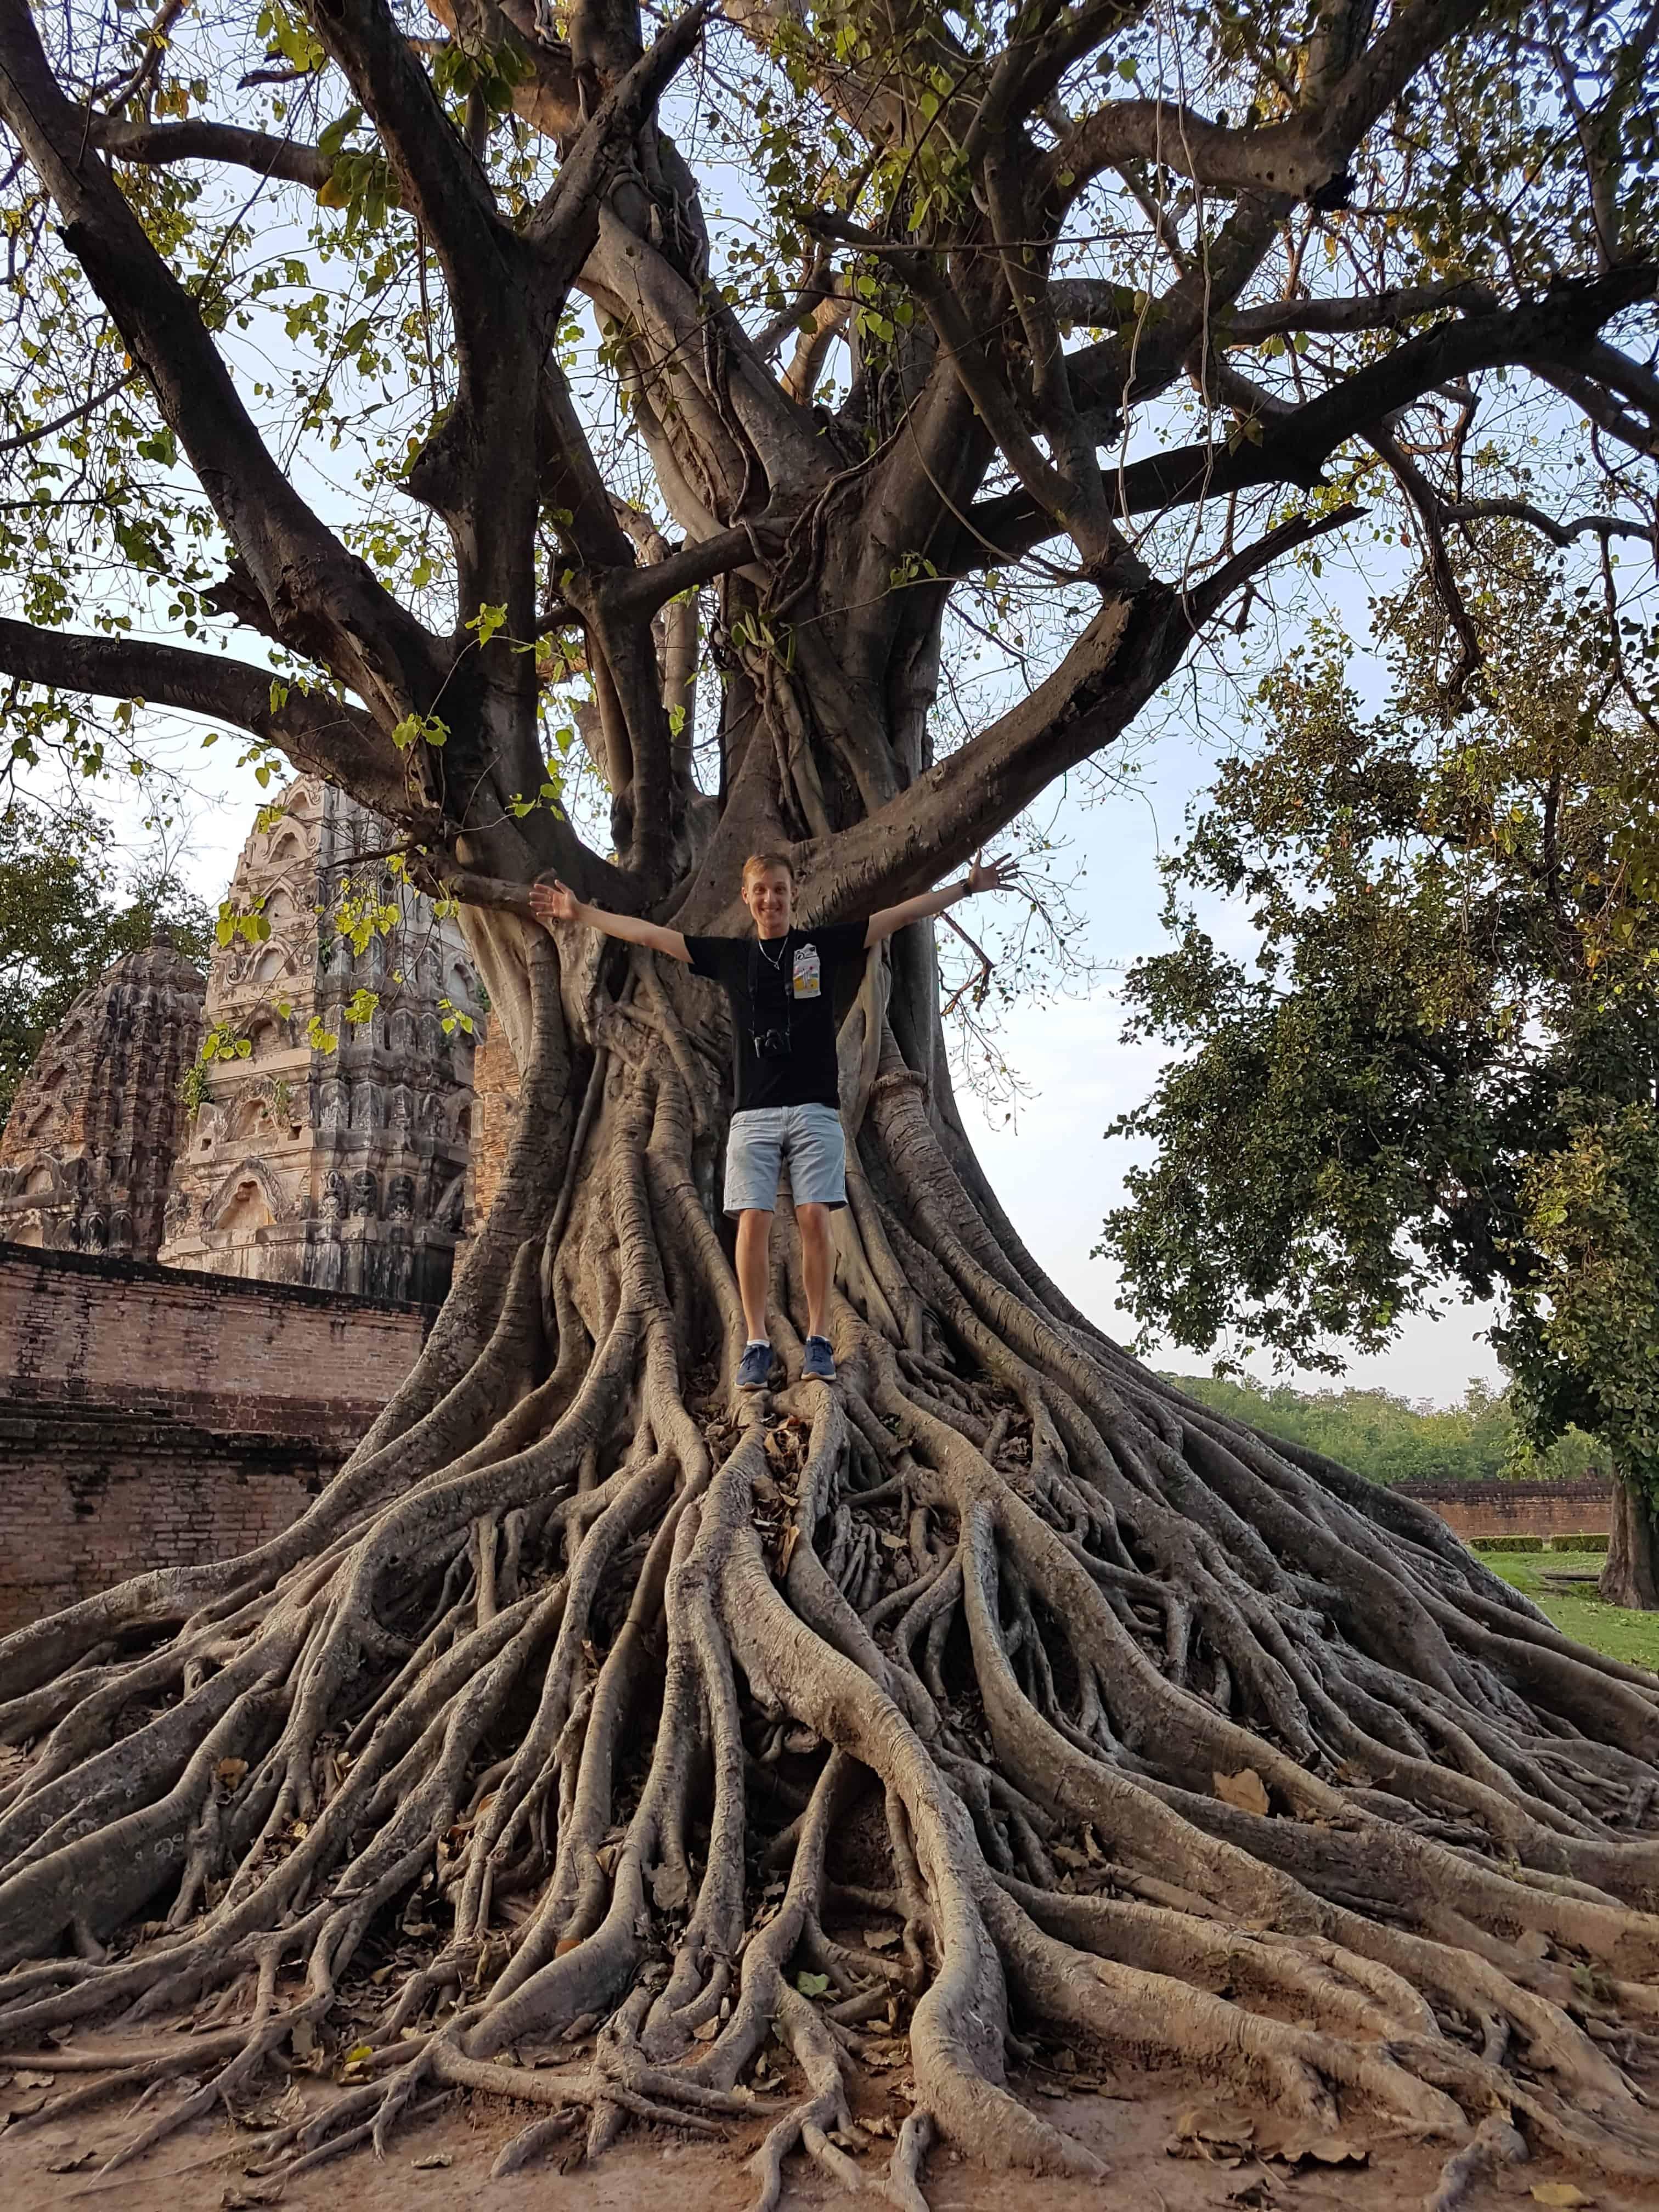 Thaïlande, visite du parc de Sukhothaï 🛕 11